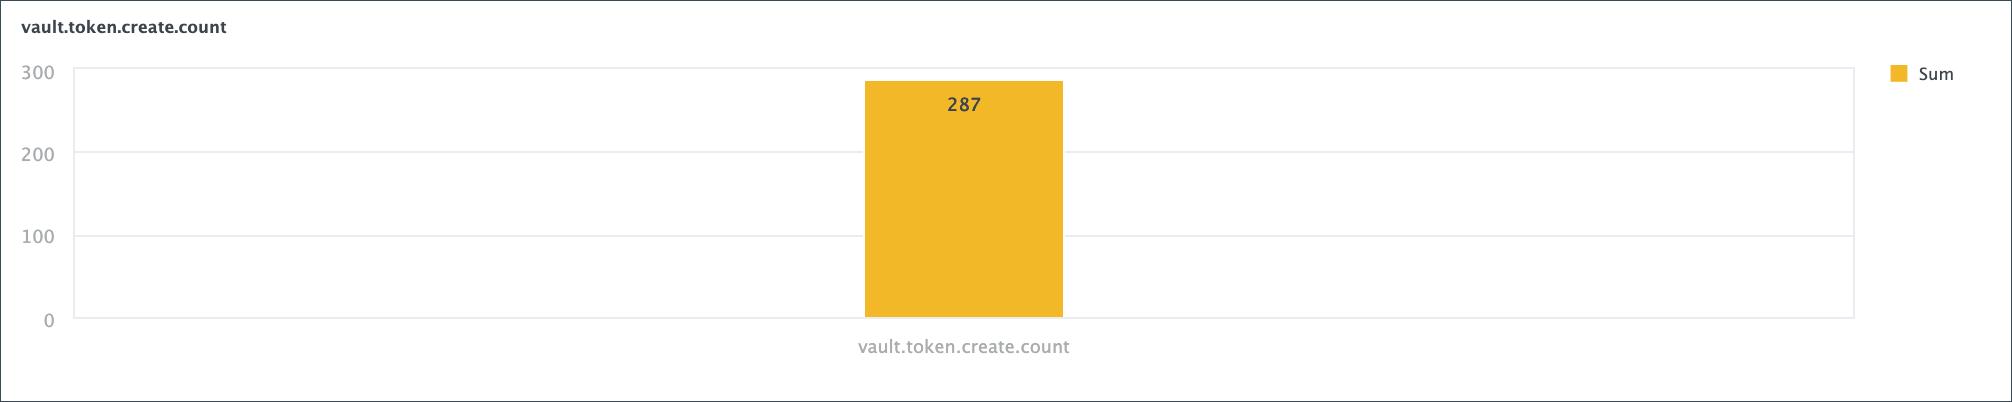 Example token creation metric graph